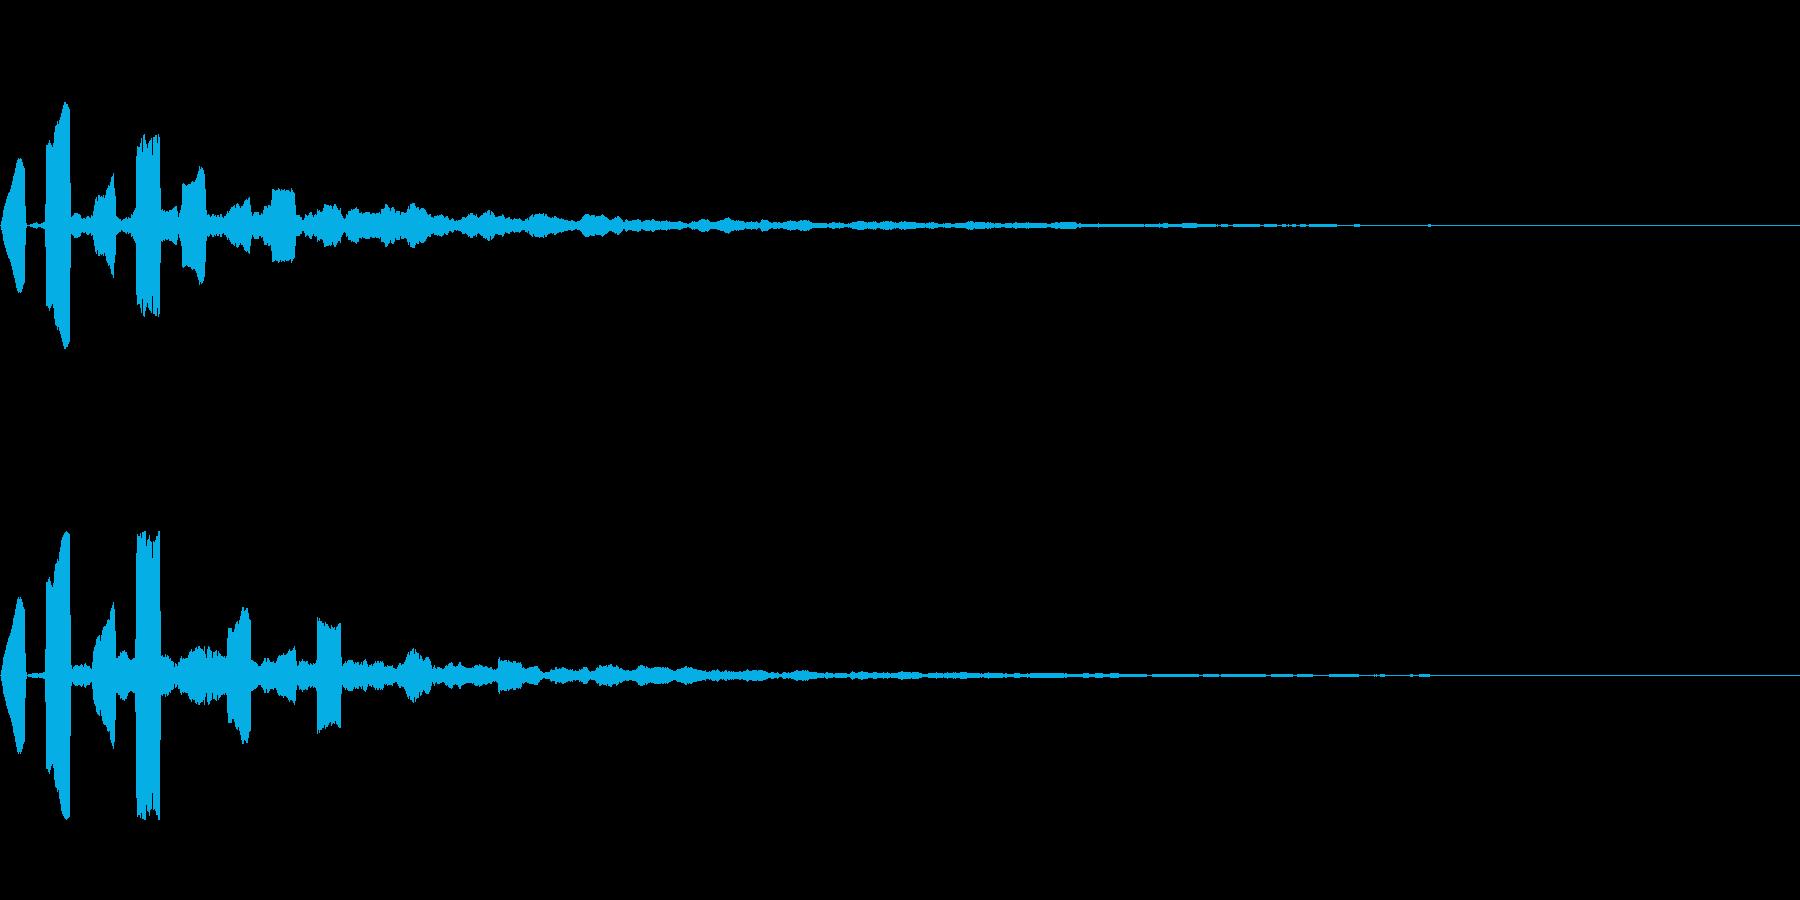 ピコン(ゲーム・アプリ等の決定音)の再生済みの波形